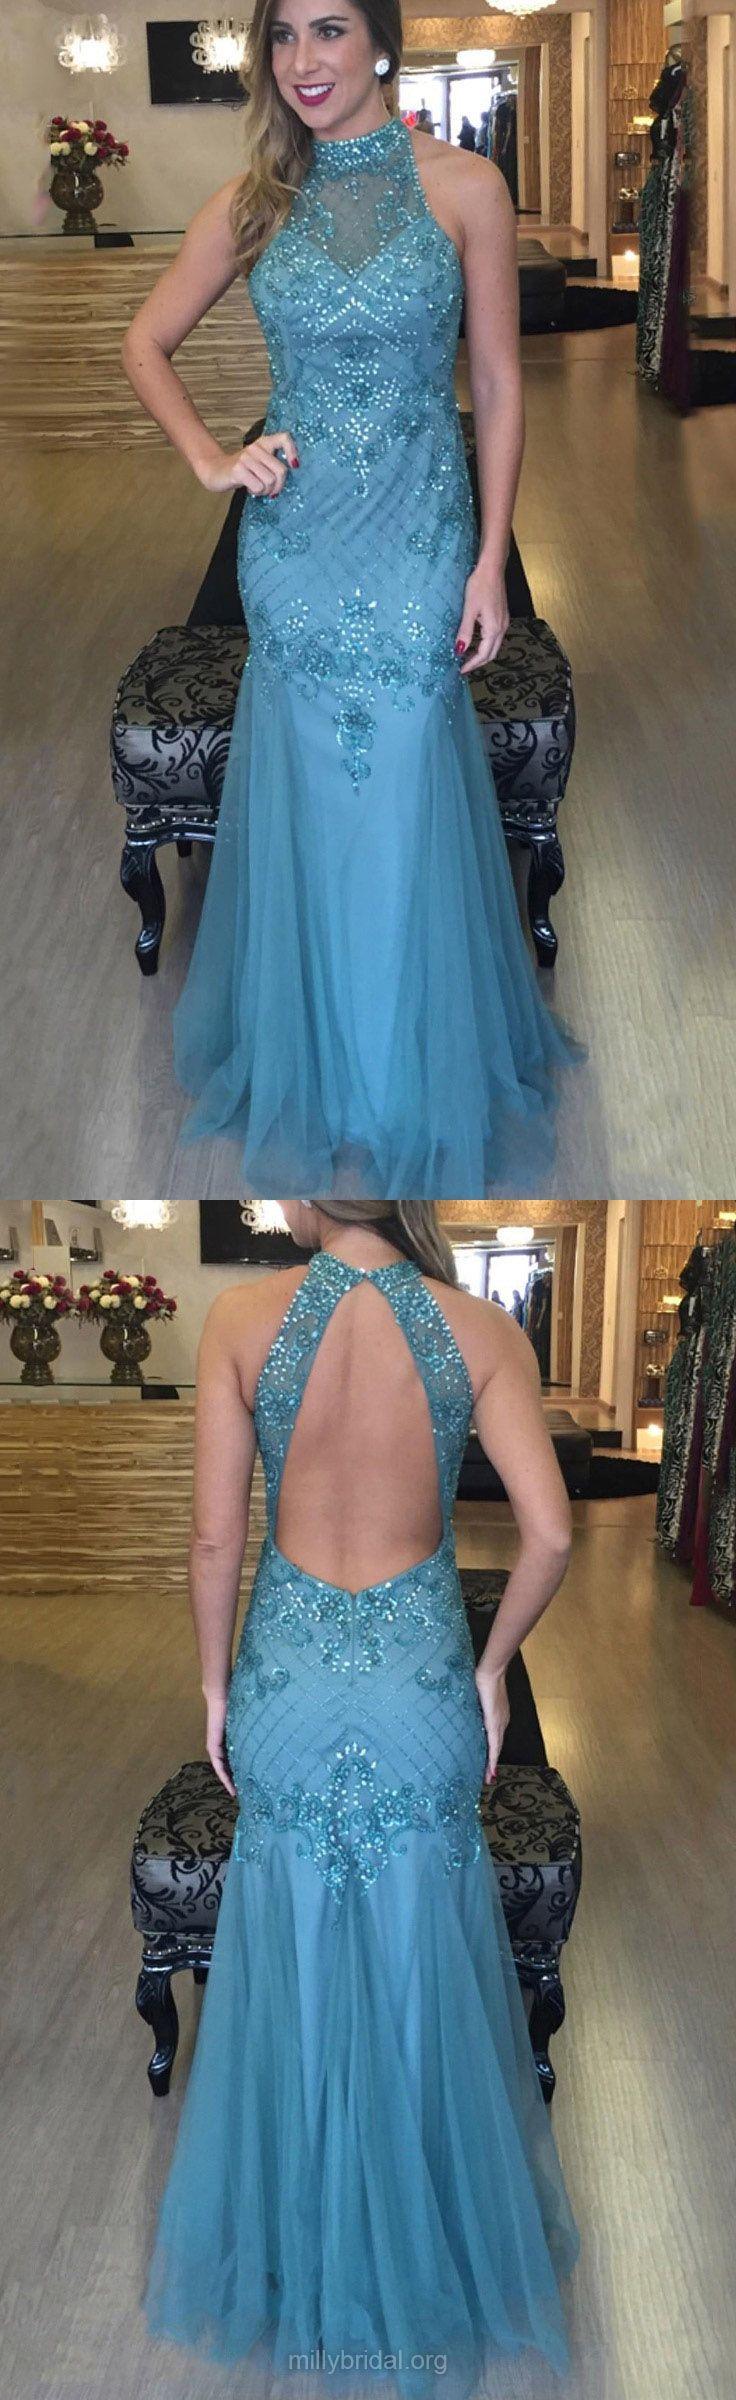 Blue prom dresses long mermaid formal dresses high neck tulle